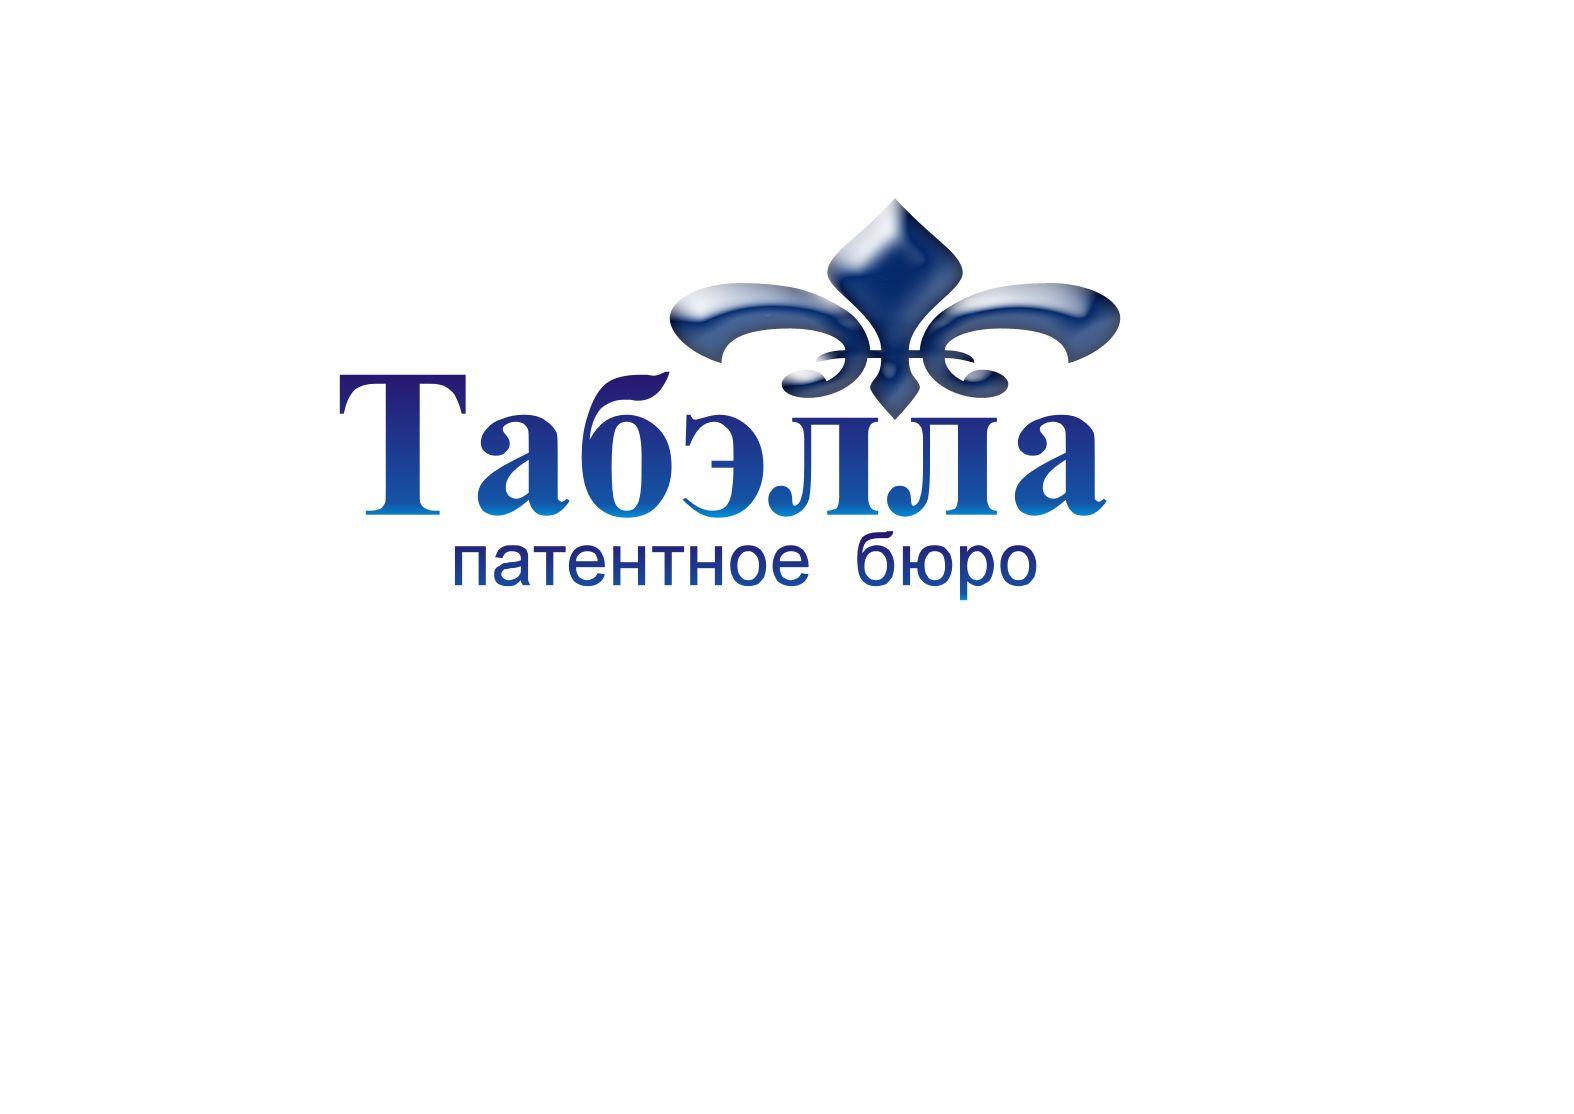 Сделать flat & simple логотип юридической компании - дизайнер JackWosmerkin